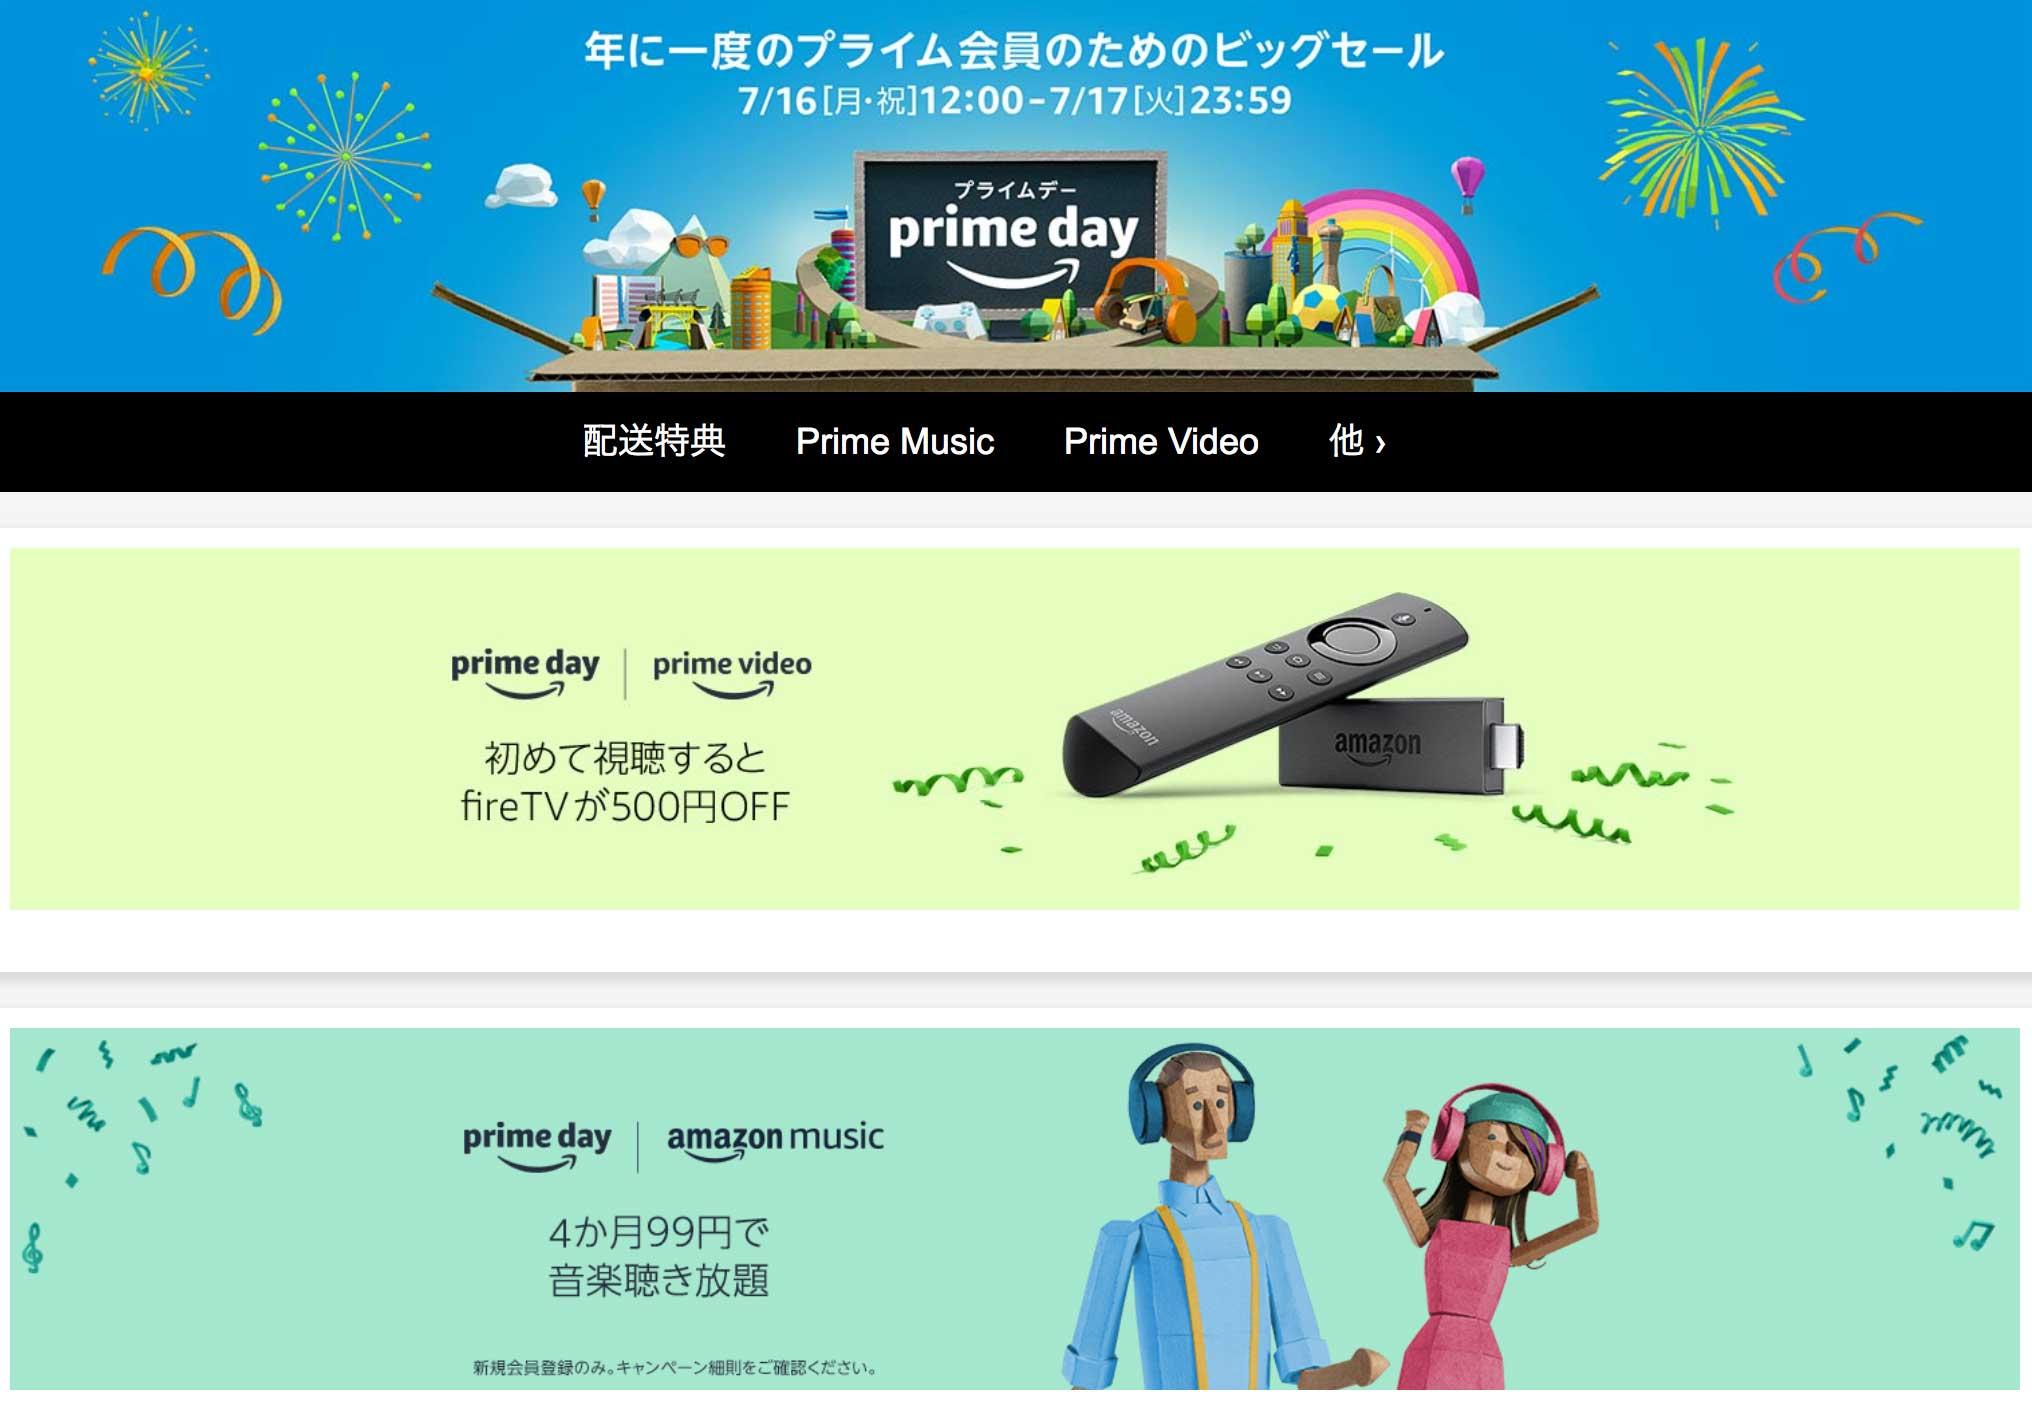 アマゾン プライムデー 特典と最安値と買うべき商品一覧 amazon_primeday_01